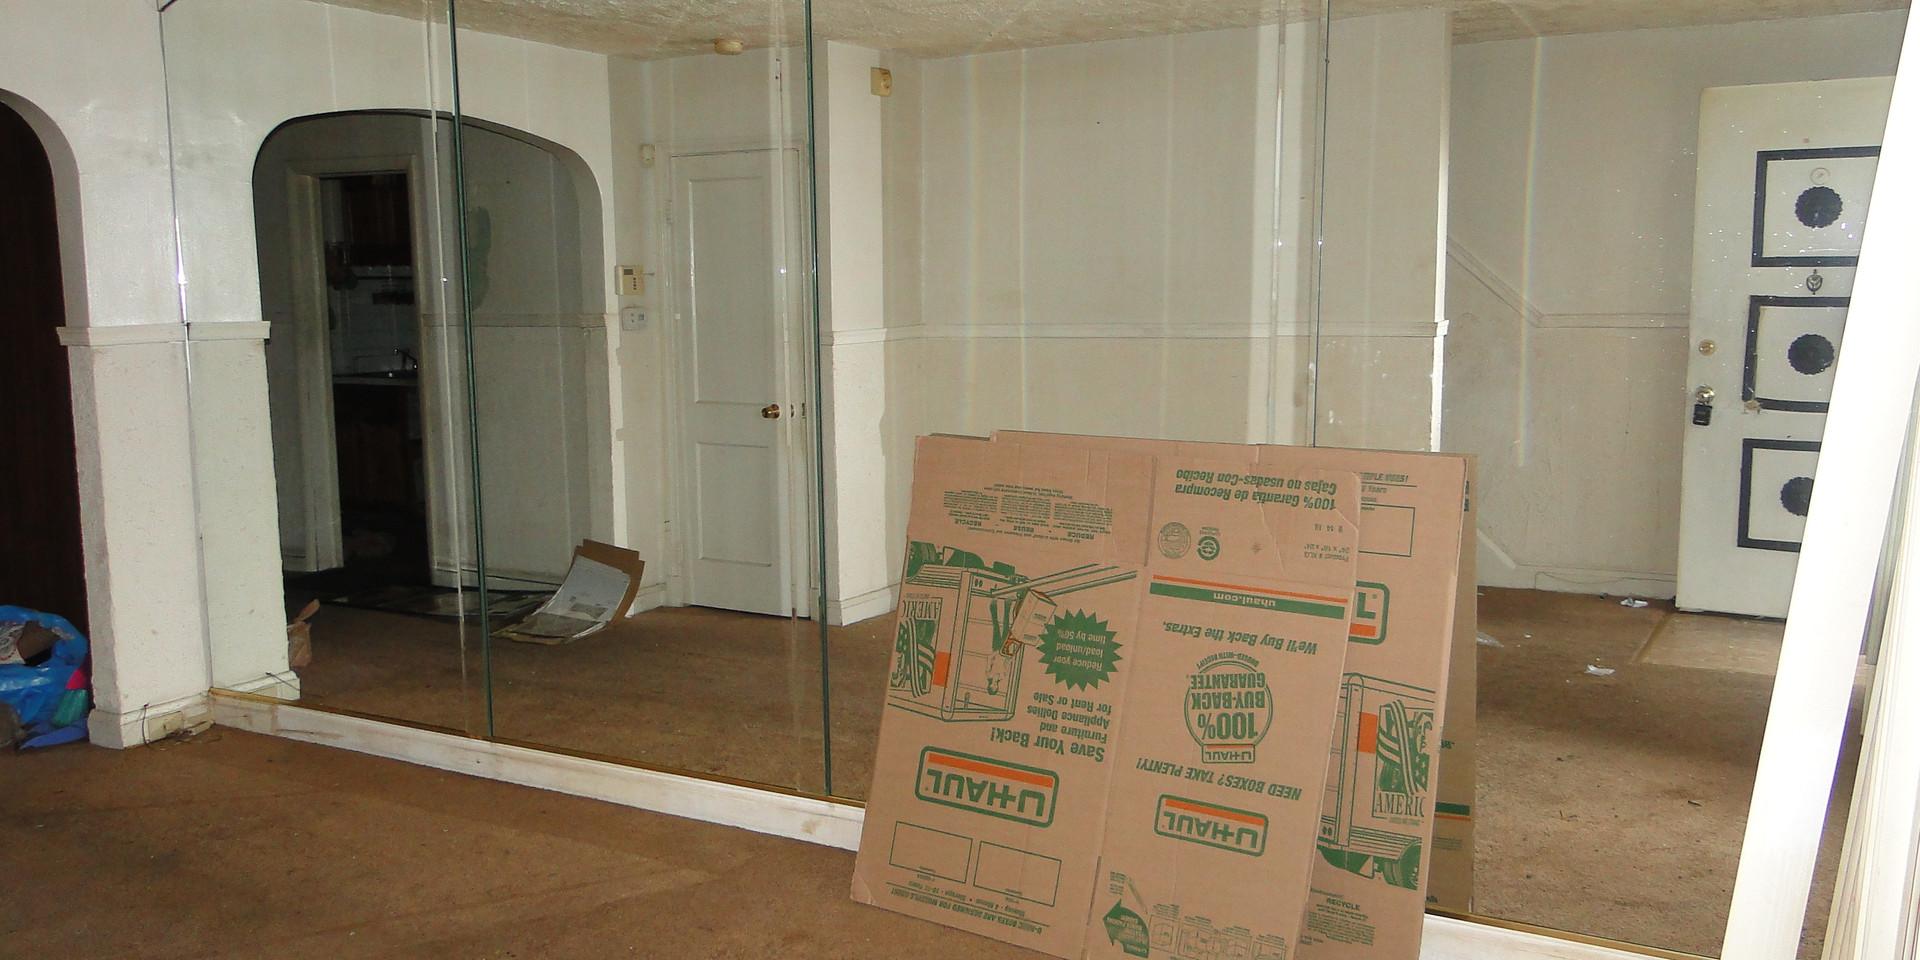 05 - Living Room 7.JPG